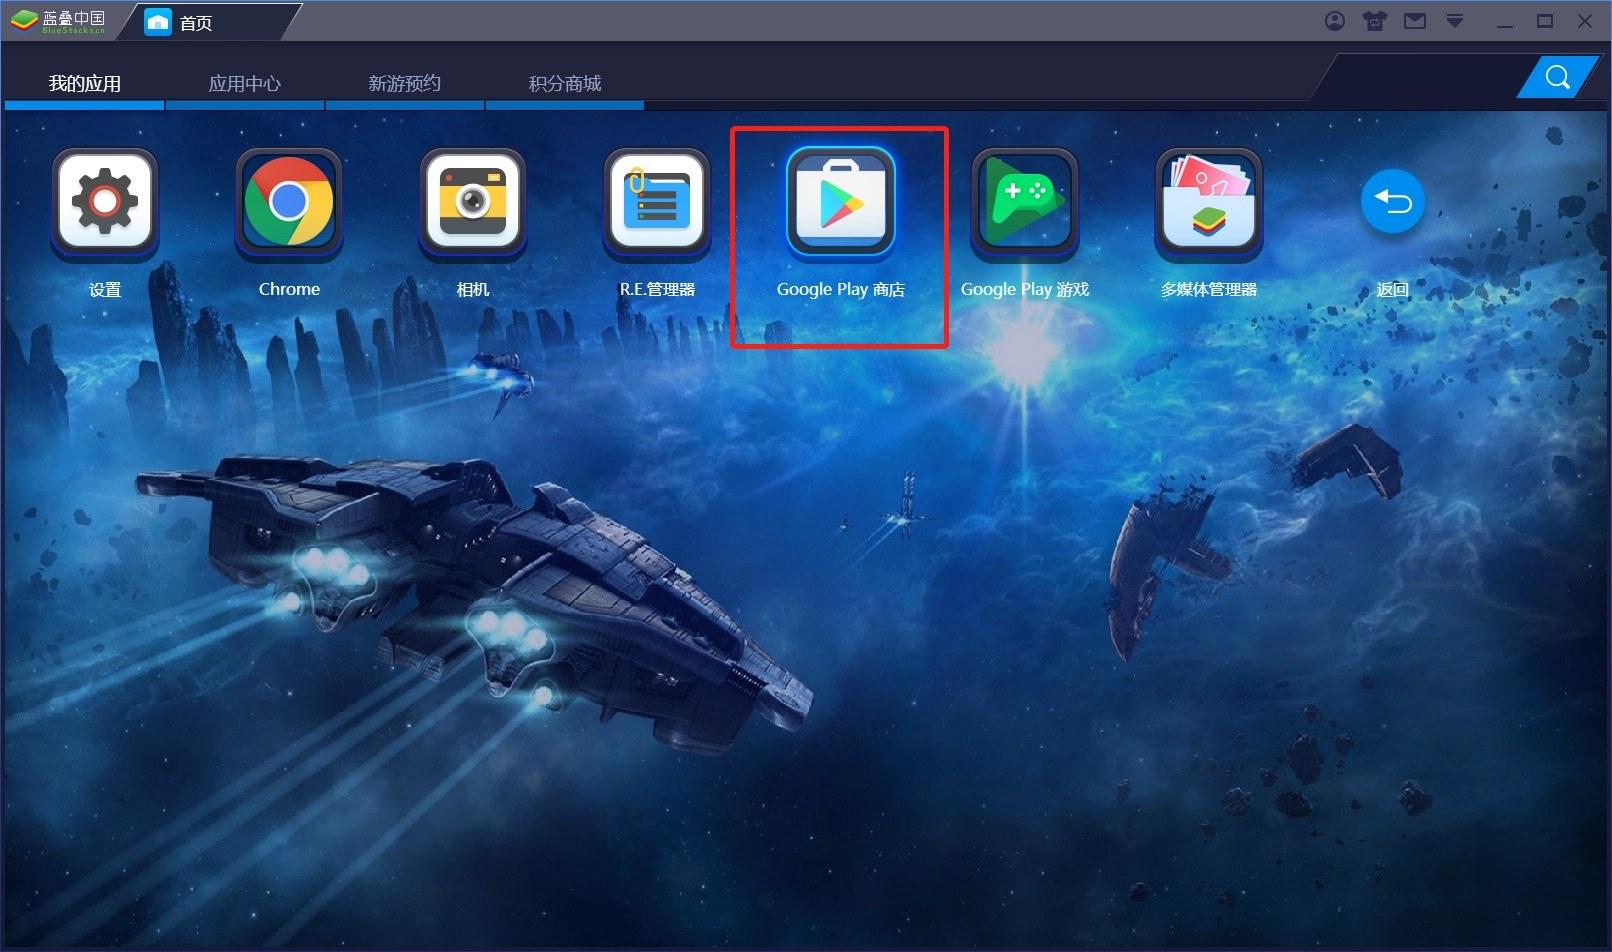 使用BlueStacks在PC上遊玩MMOARPG手遊《龍之谷:新世界》